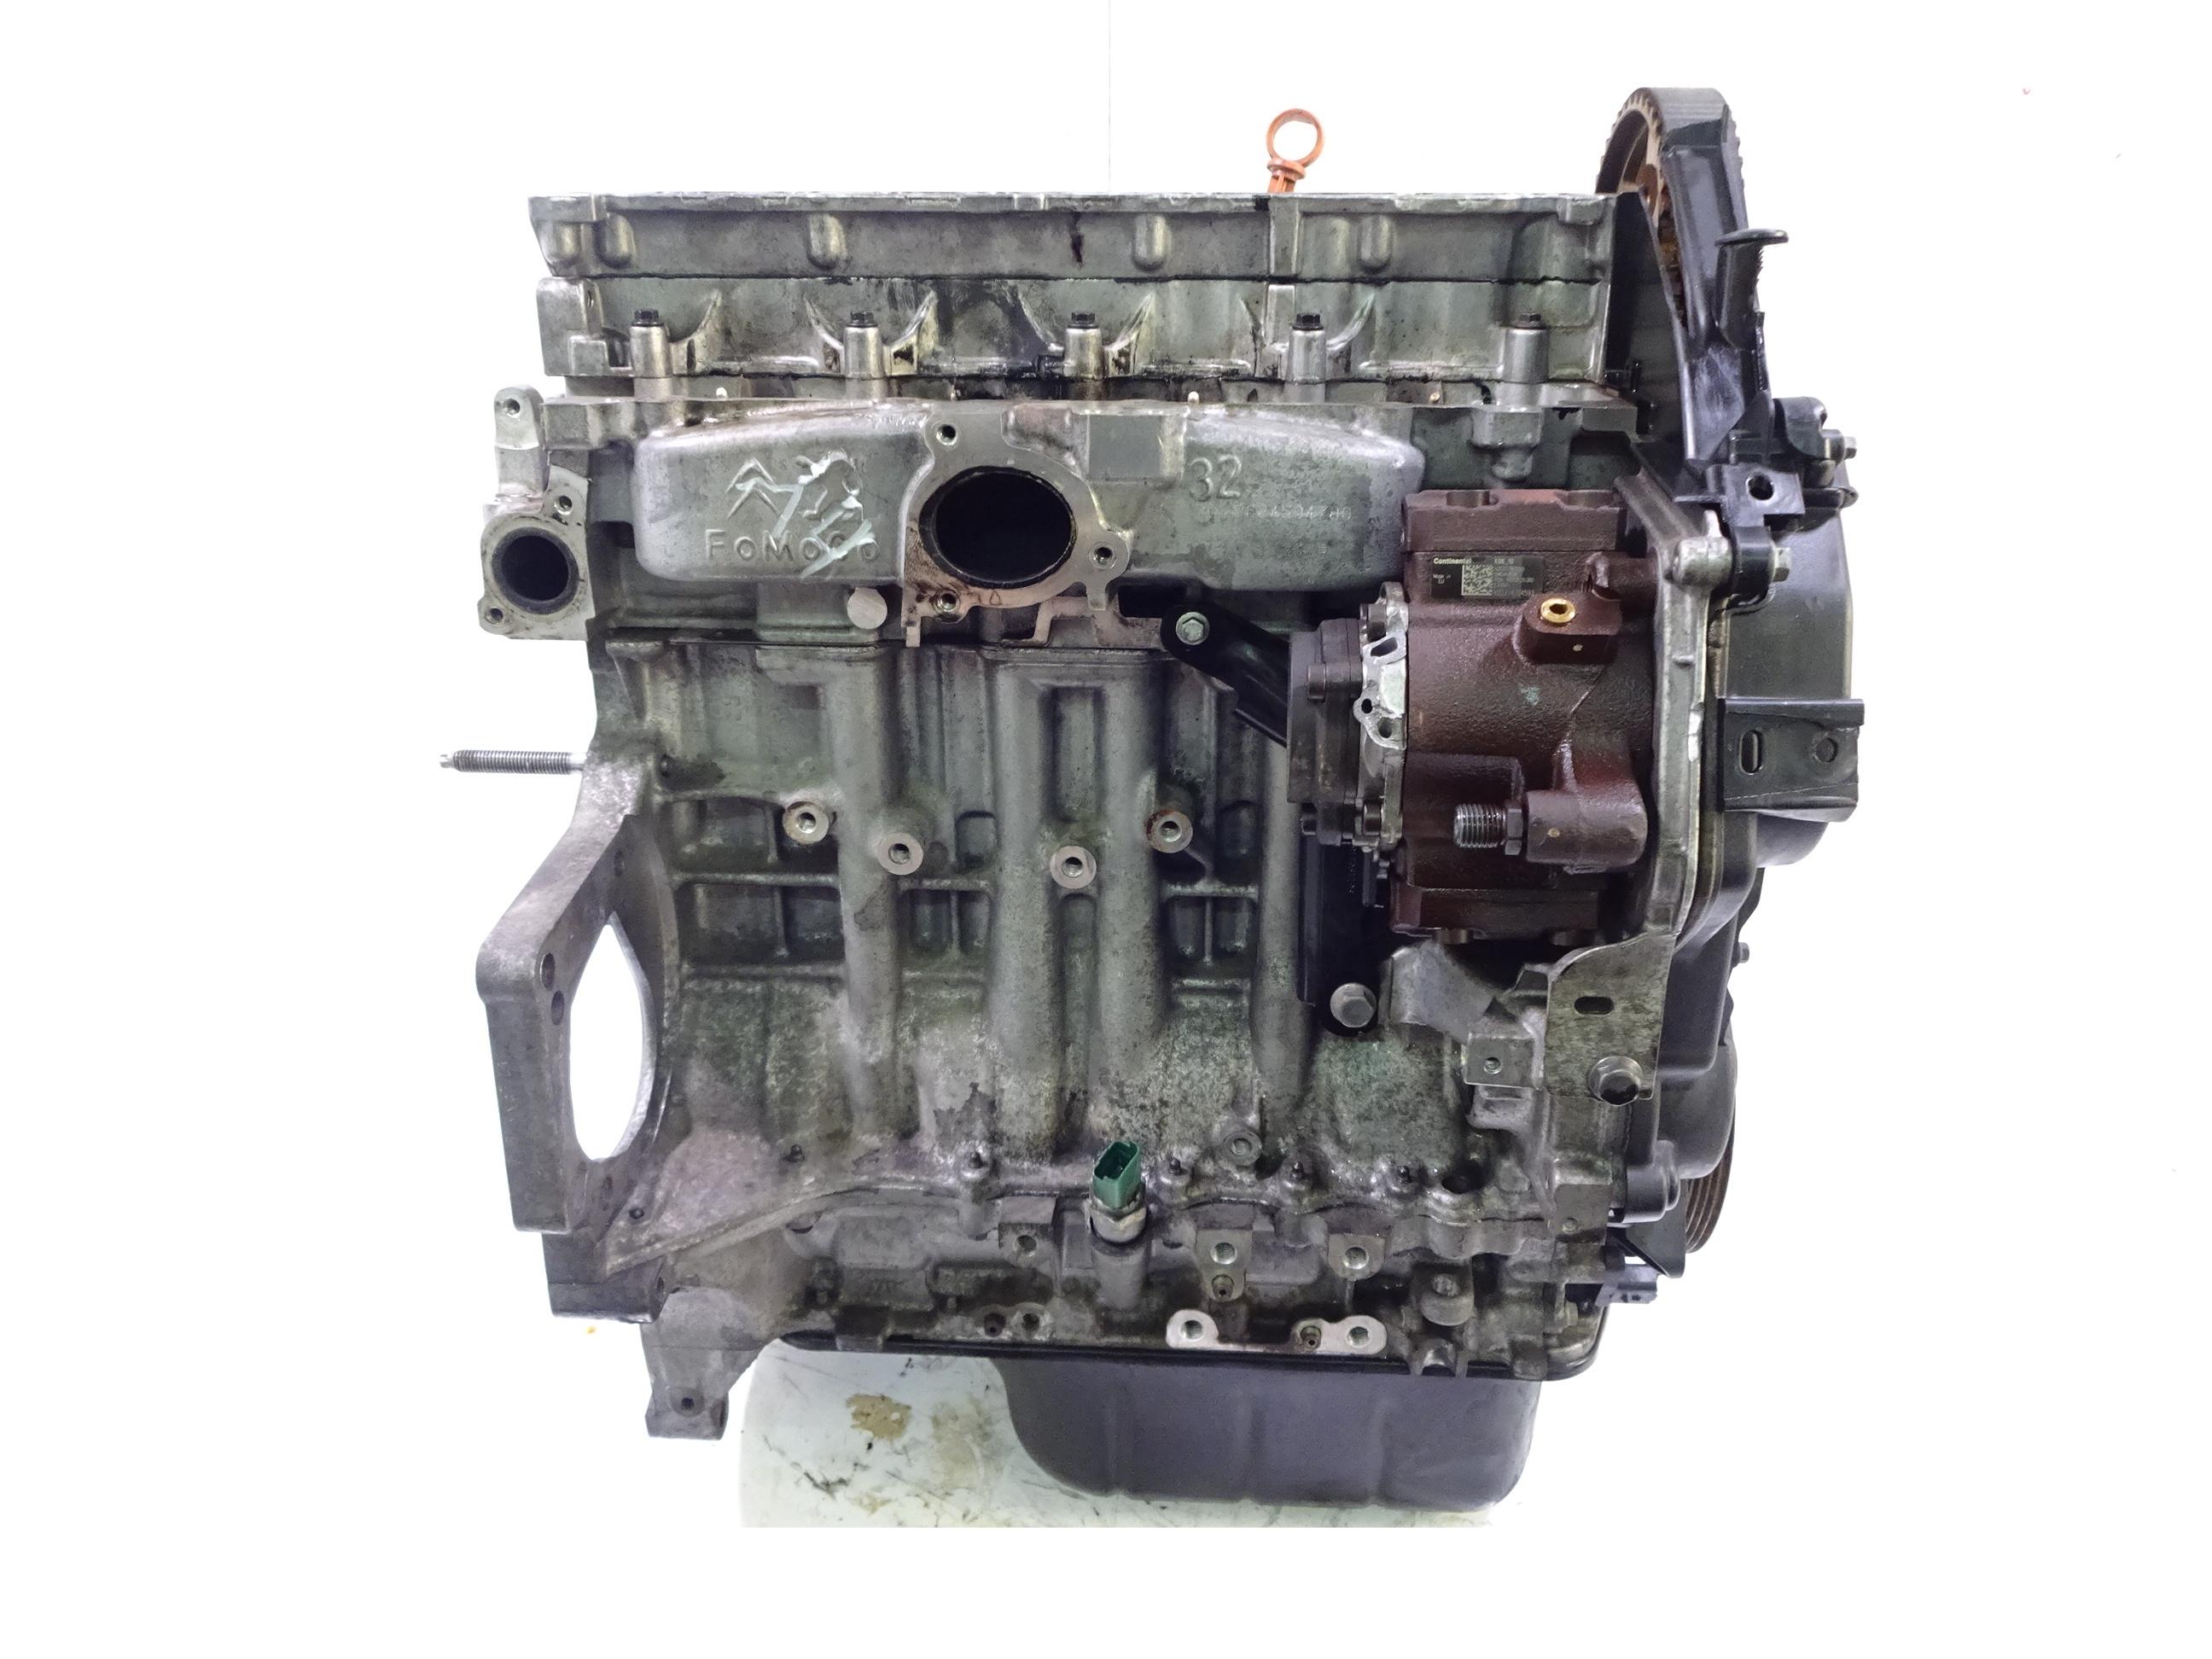 Motor 2011 Peugeot 308 II 1,6 HDi Diesel D 9HP DV6DTED 9H05